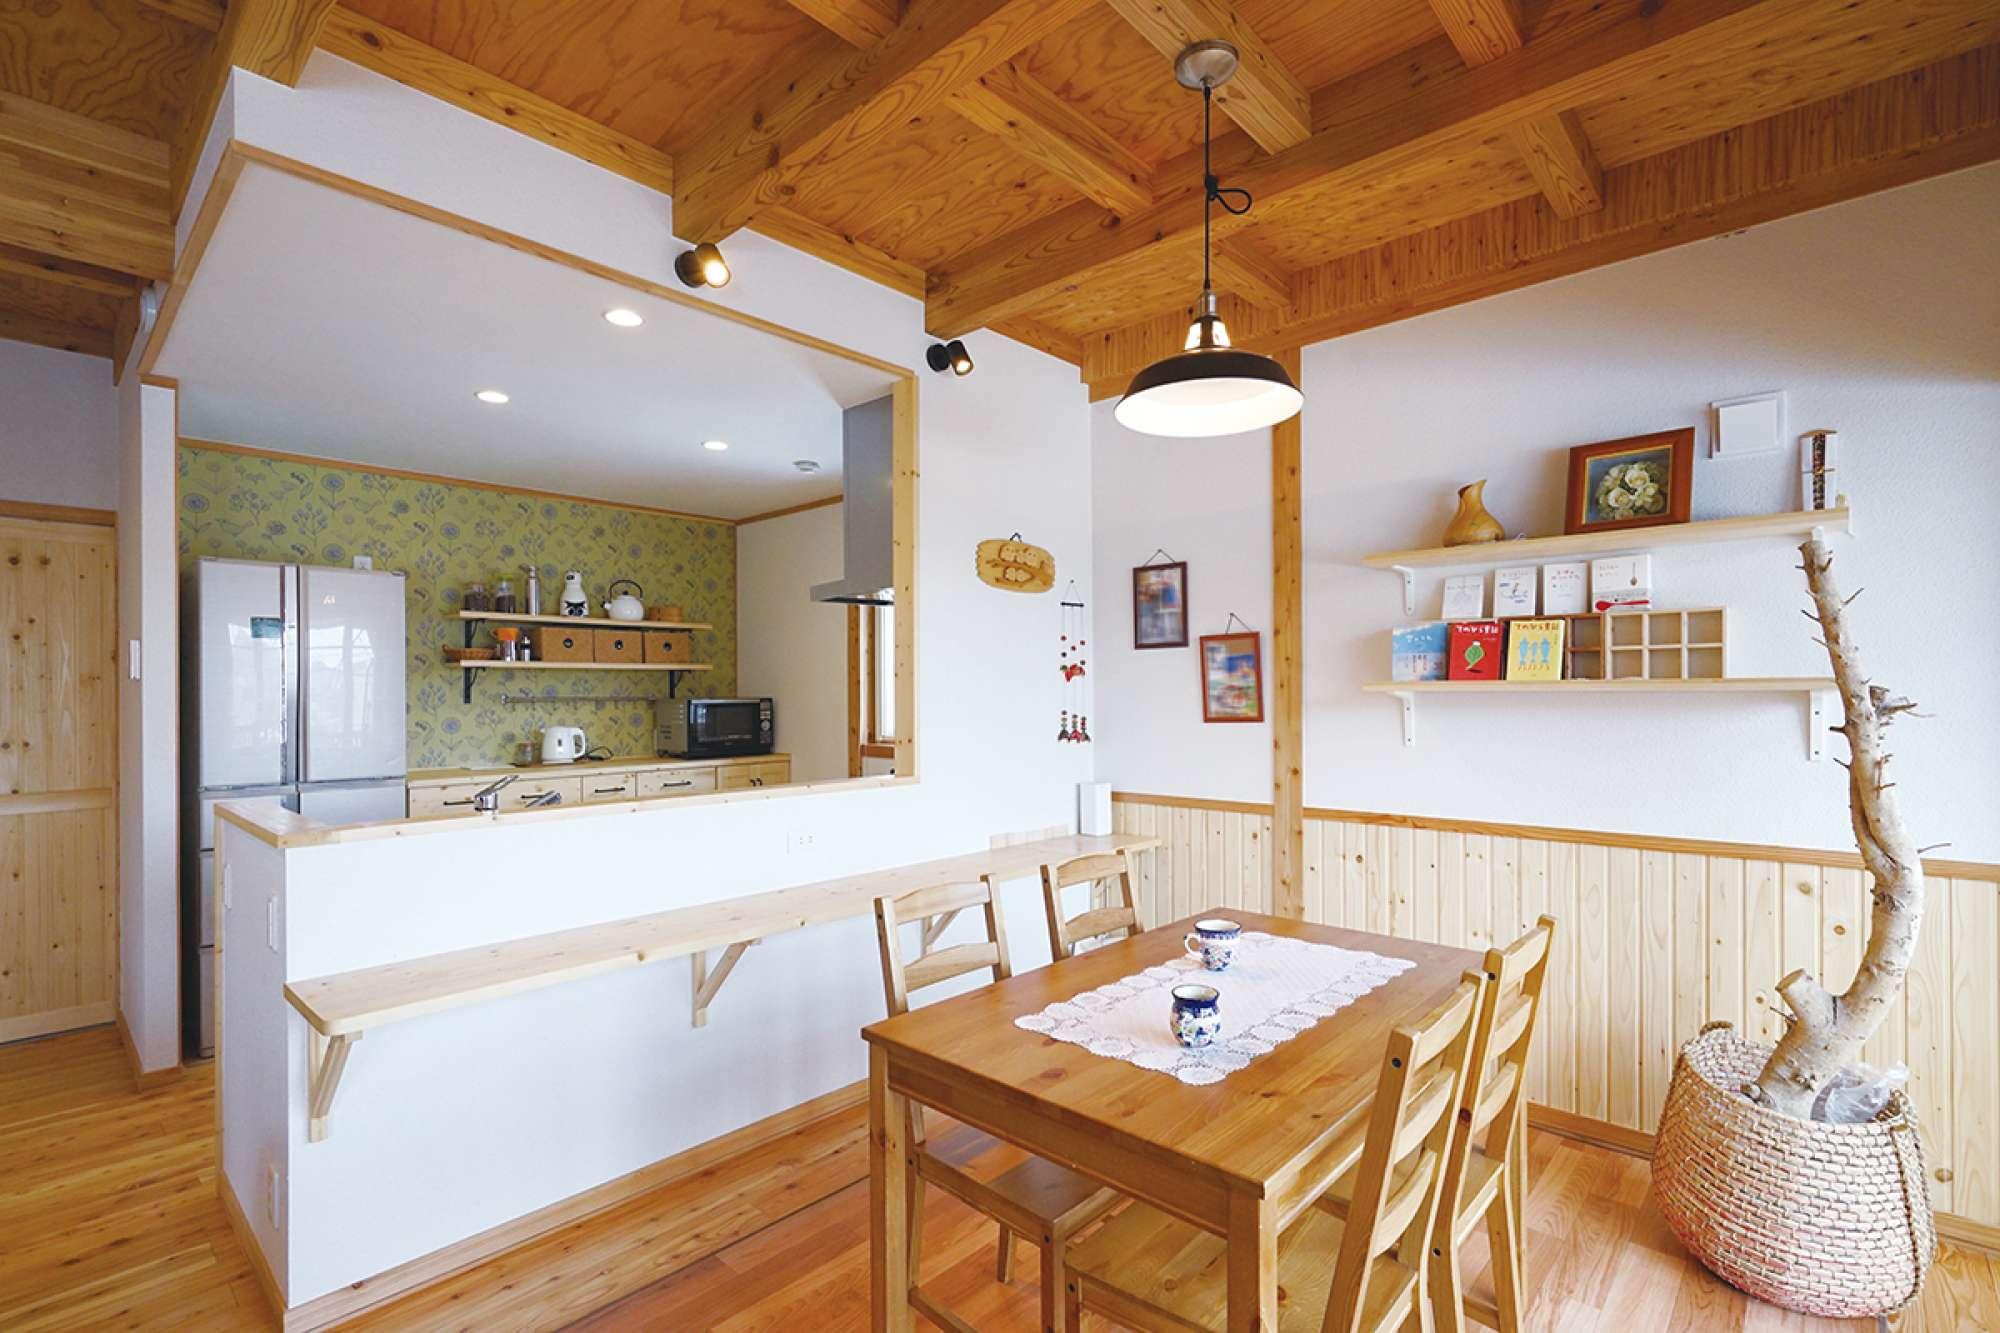 腰壁と造作のスタディ用カウンター、飾り棚で北欧テイストに -  -  -